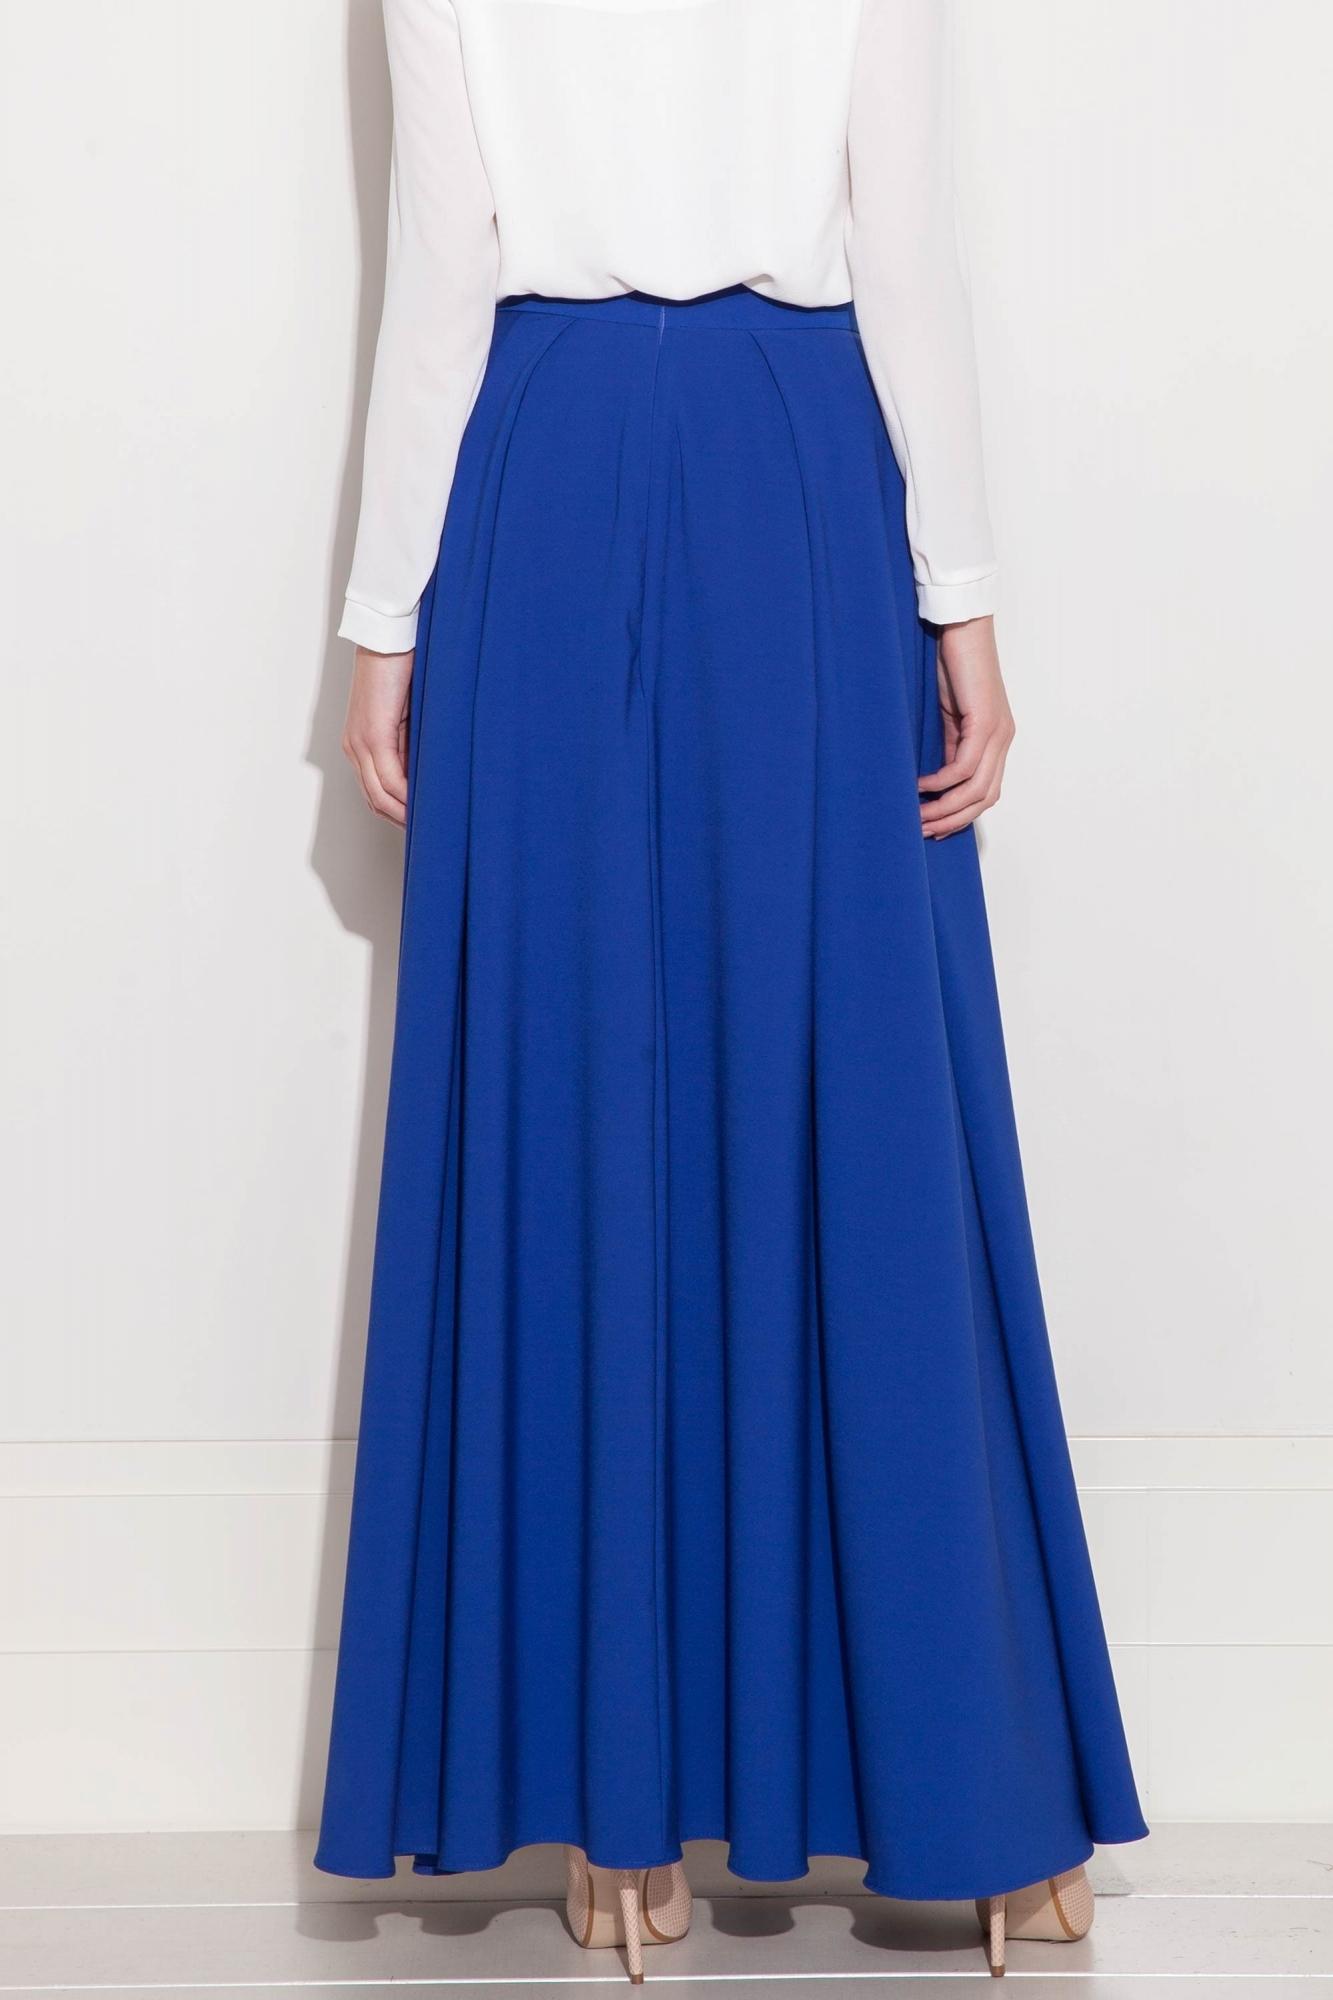 42da52420c Długa szeroka spódnica wieczorowa w kolorze szafirowym. Beata Cupriak